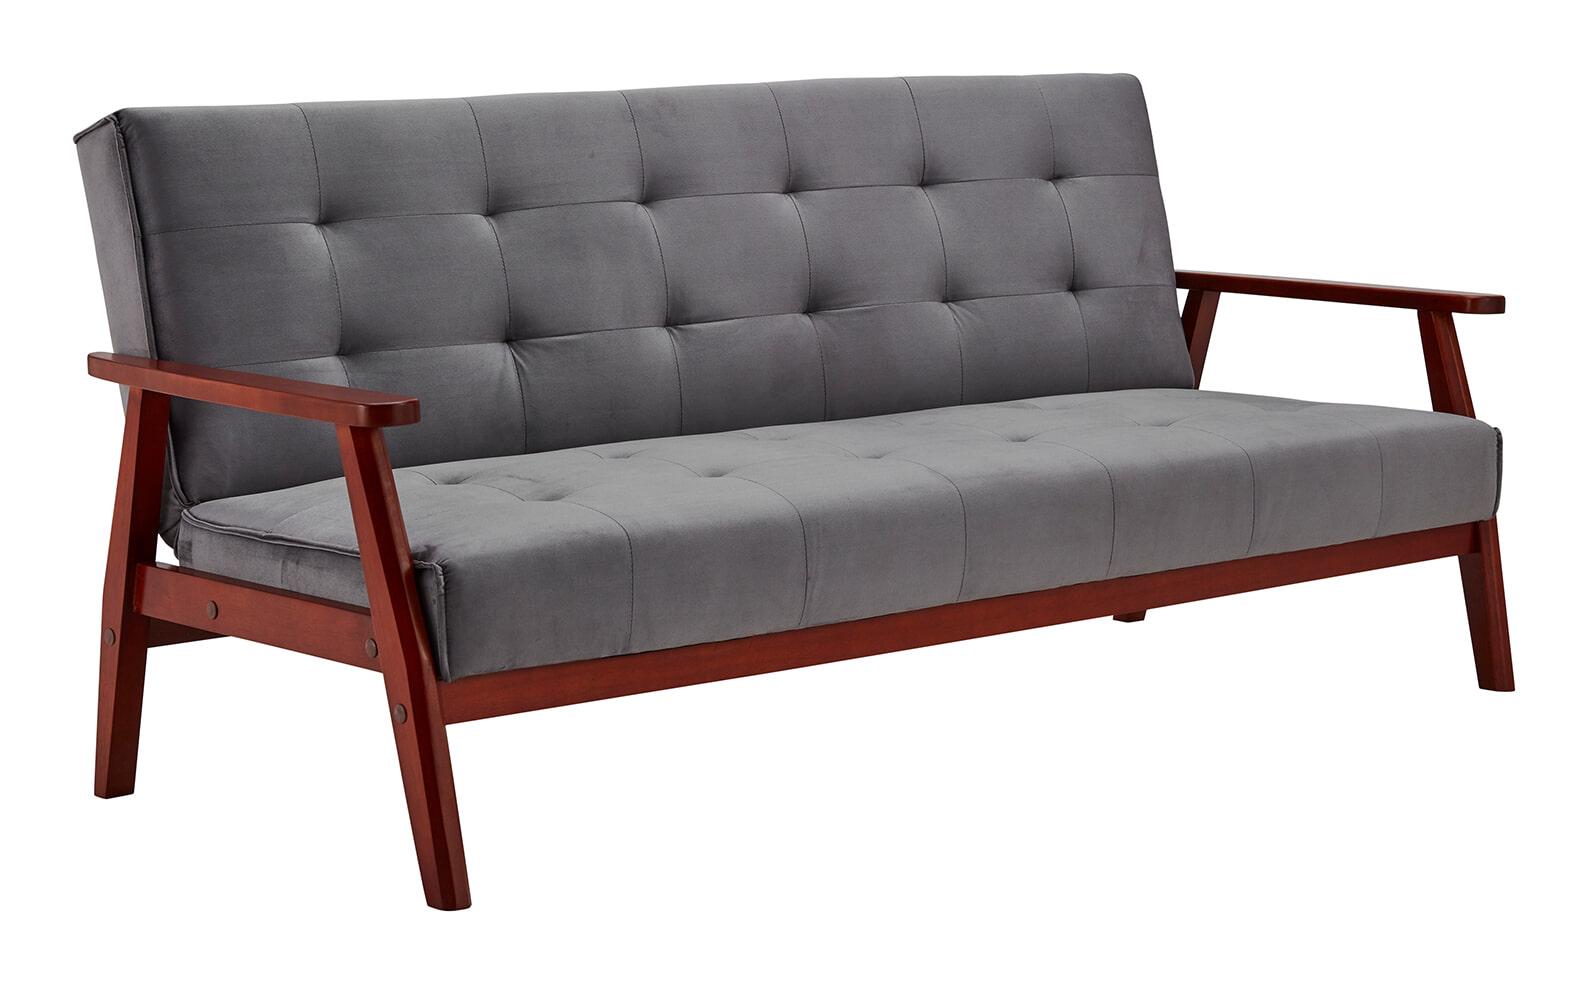 Op SlaapkamerComfort: Alles voor slapen is alles over gadgets te vinden: waaronder meubelpartner en specifiek Artistiq Slaapbank Lilly, 190cm, kleur Grijs